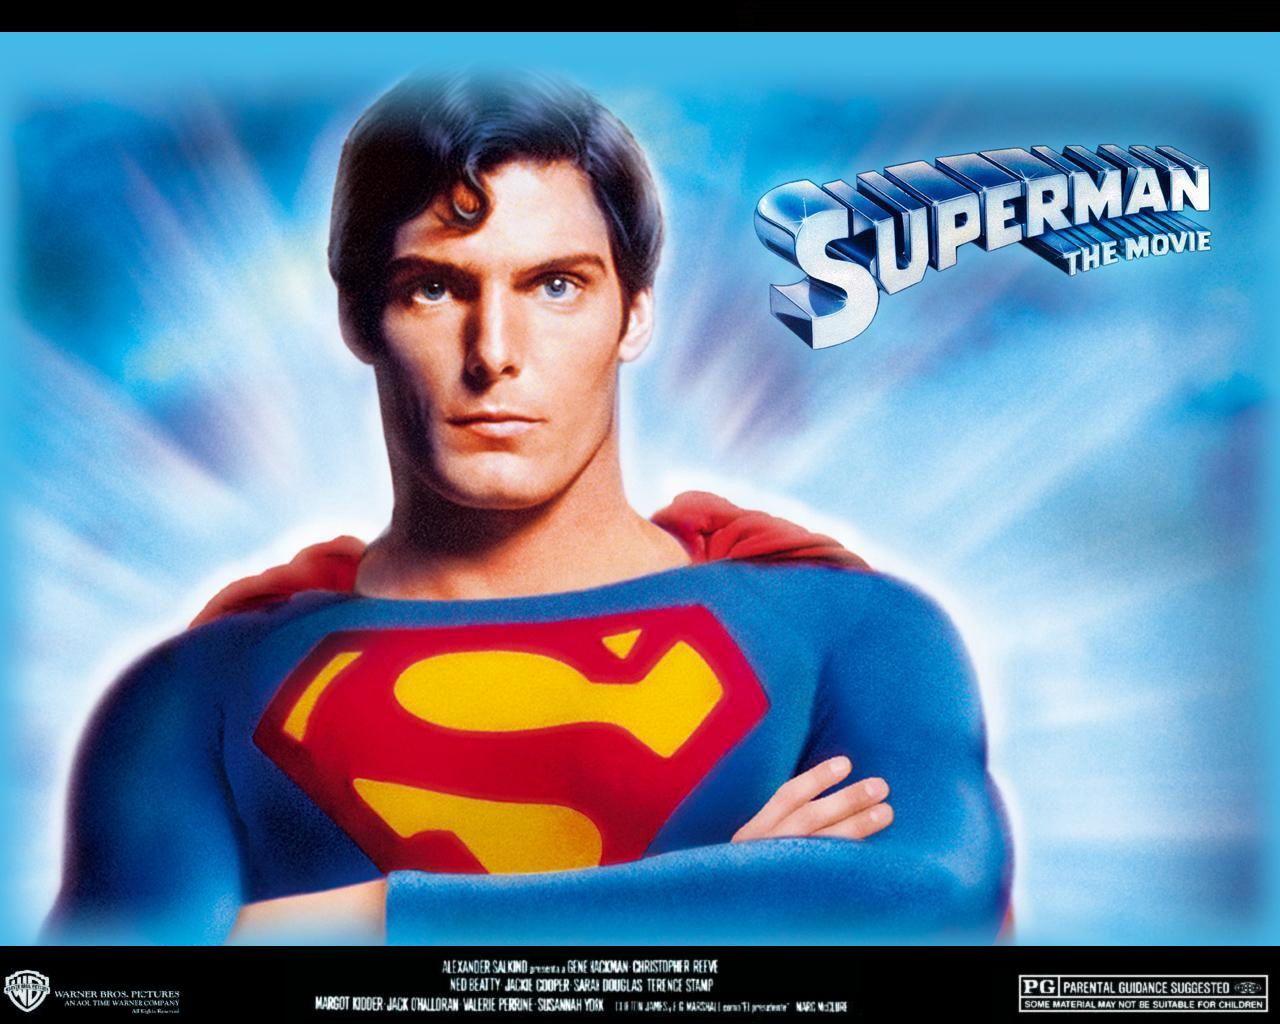 """סופרמן בגילומו של כריסטופר ריב, מתוך כרזה לסרט """"סופרמן"""", 1978"""